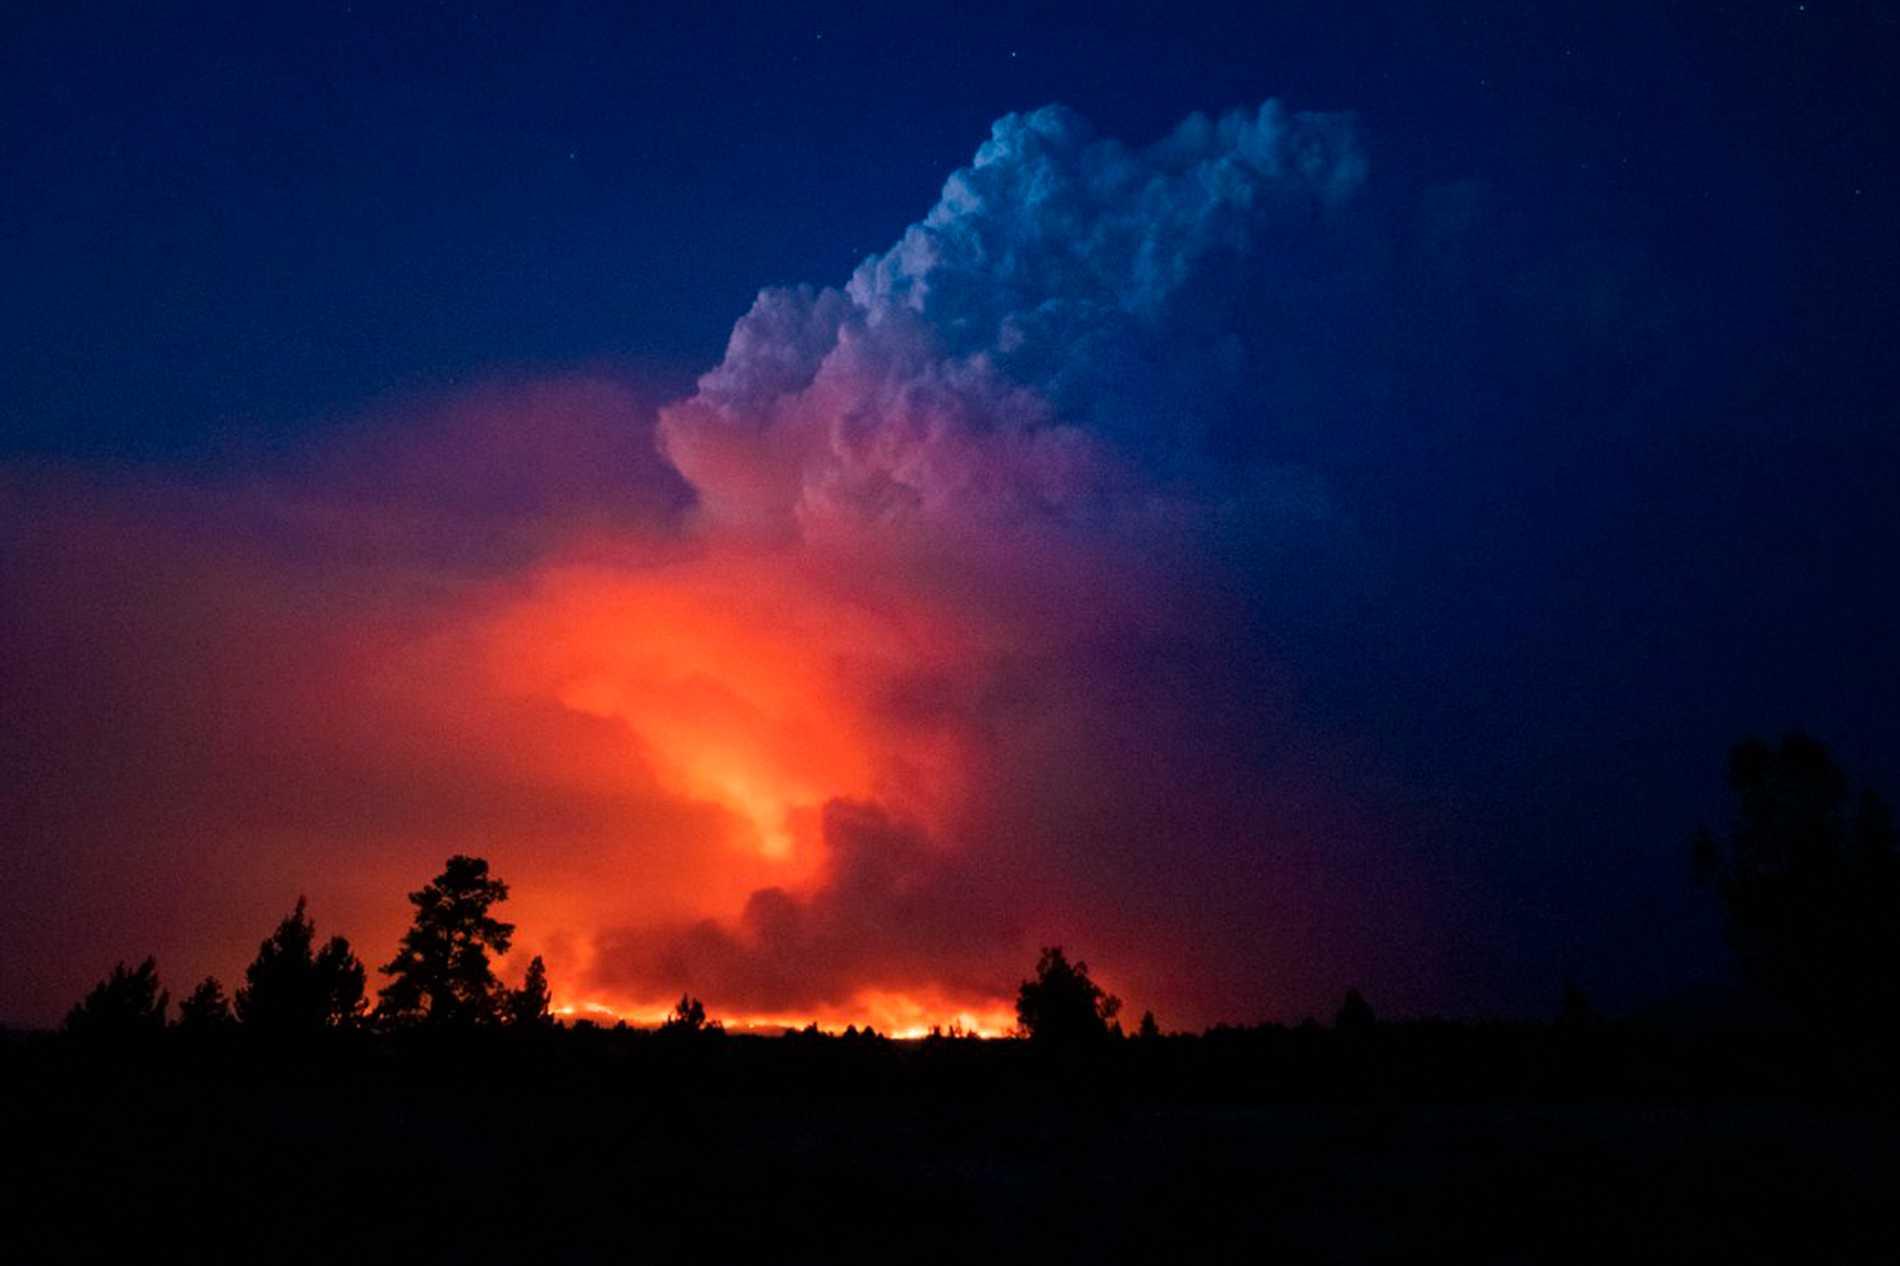 Gli incendi scoppiati nella zona erano delle dimensioni di Los Angeles.